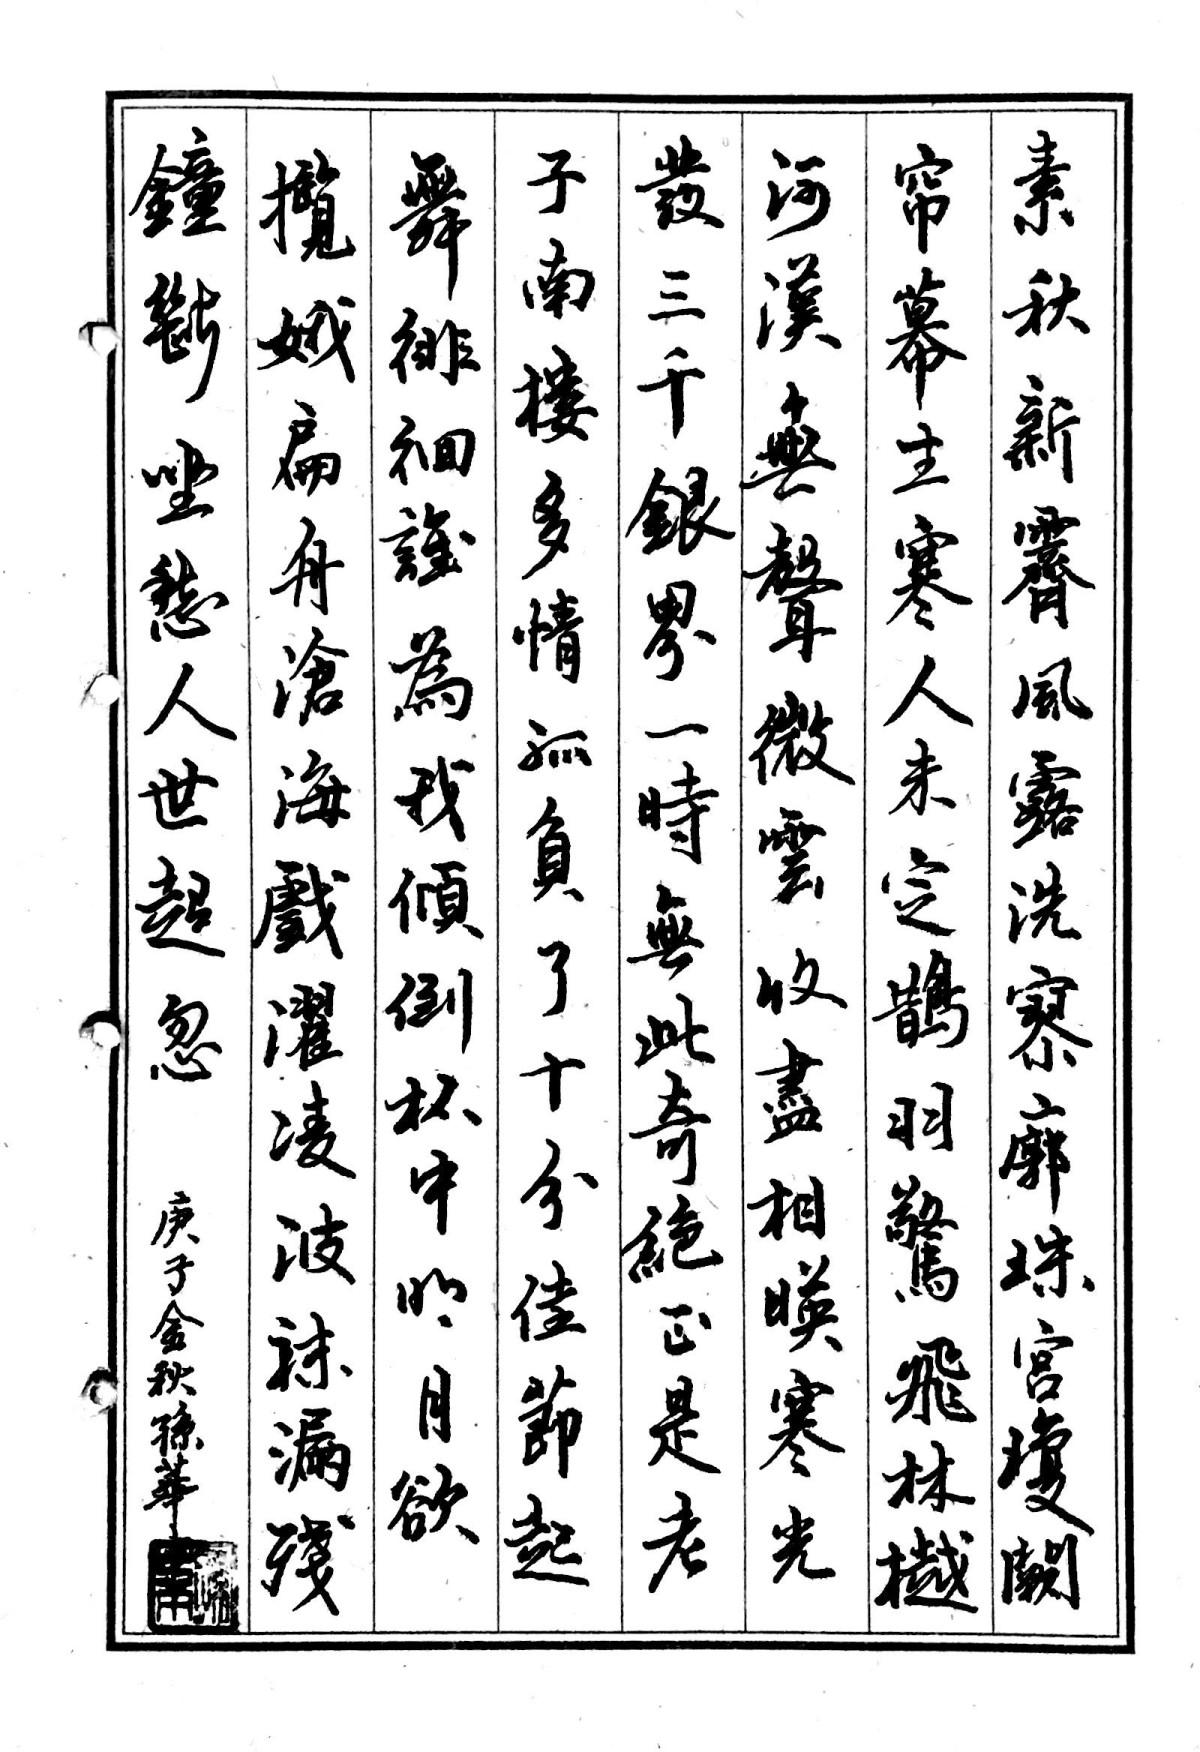 钢笔字练字打卡20201020-15